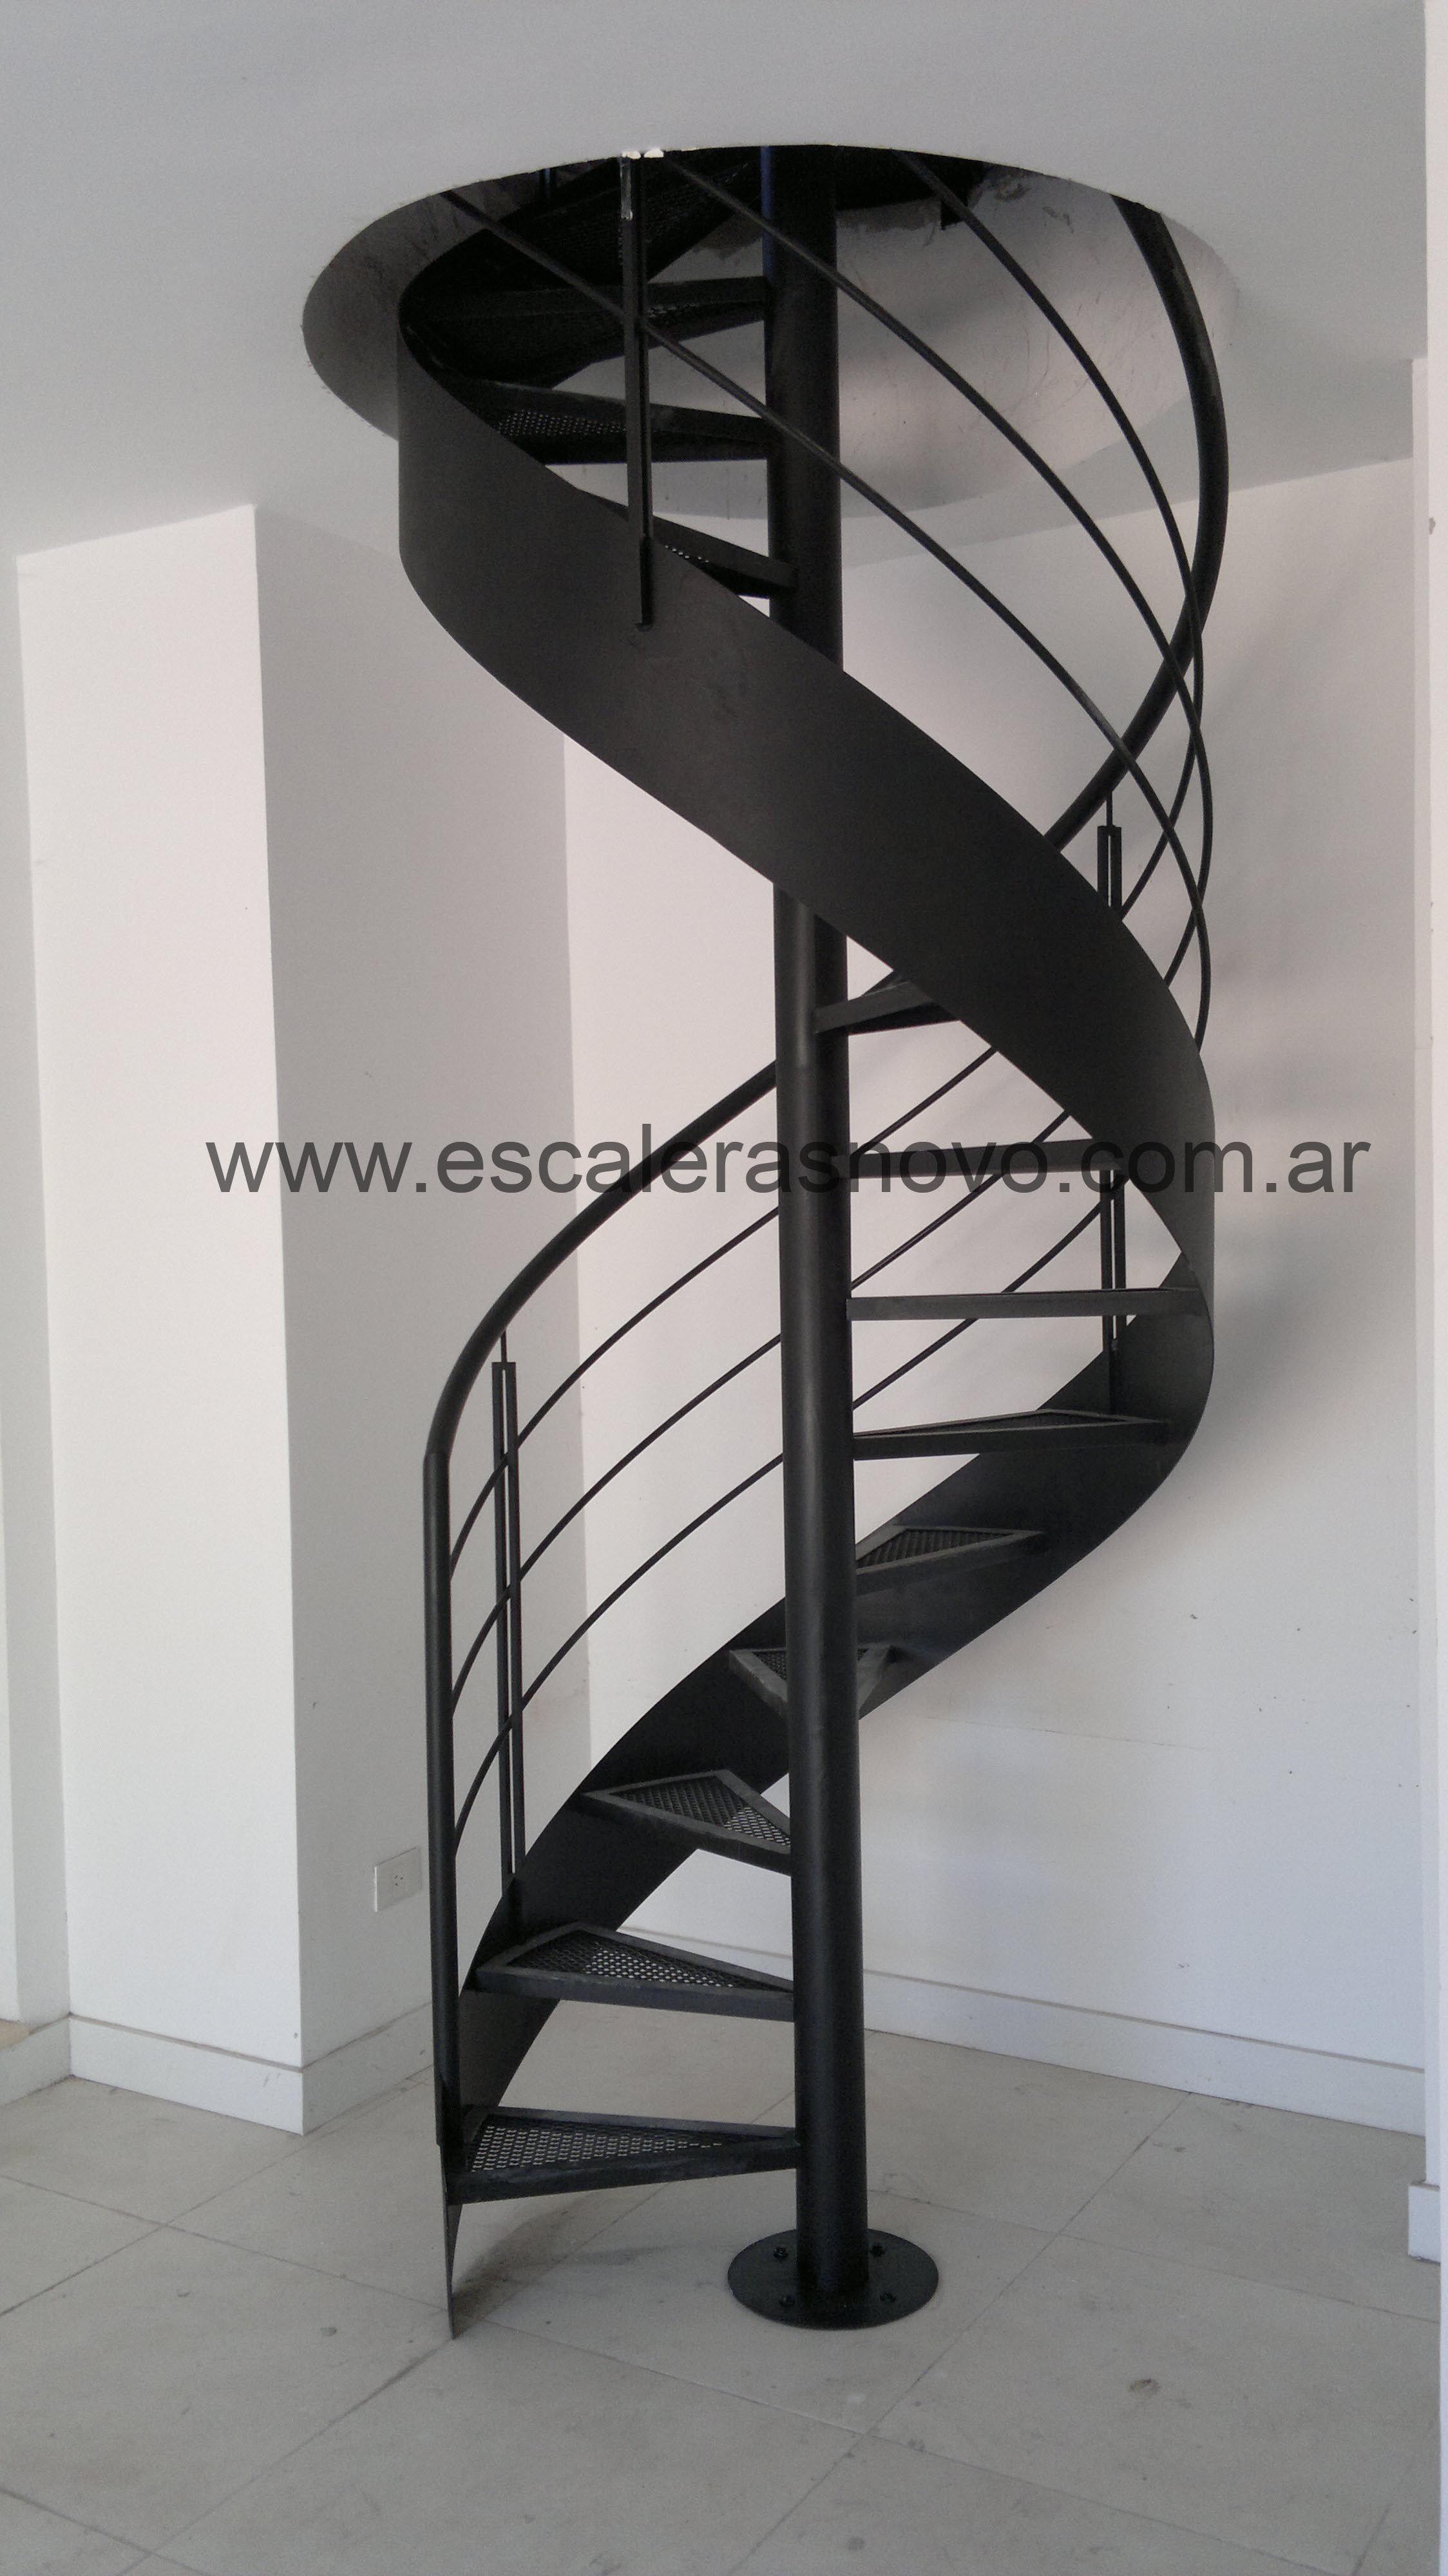 Escalera Caracol Con Cinta N 24 Venta De Escaleras Y Barandas  ~ Precios De Escaleras De Caracol